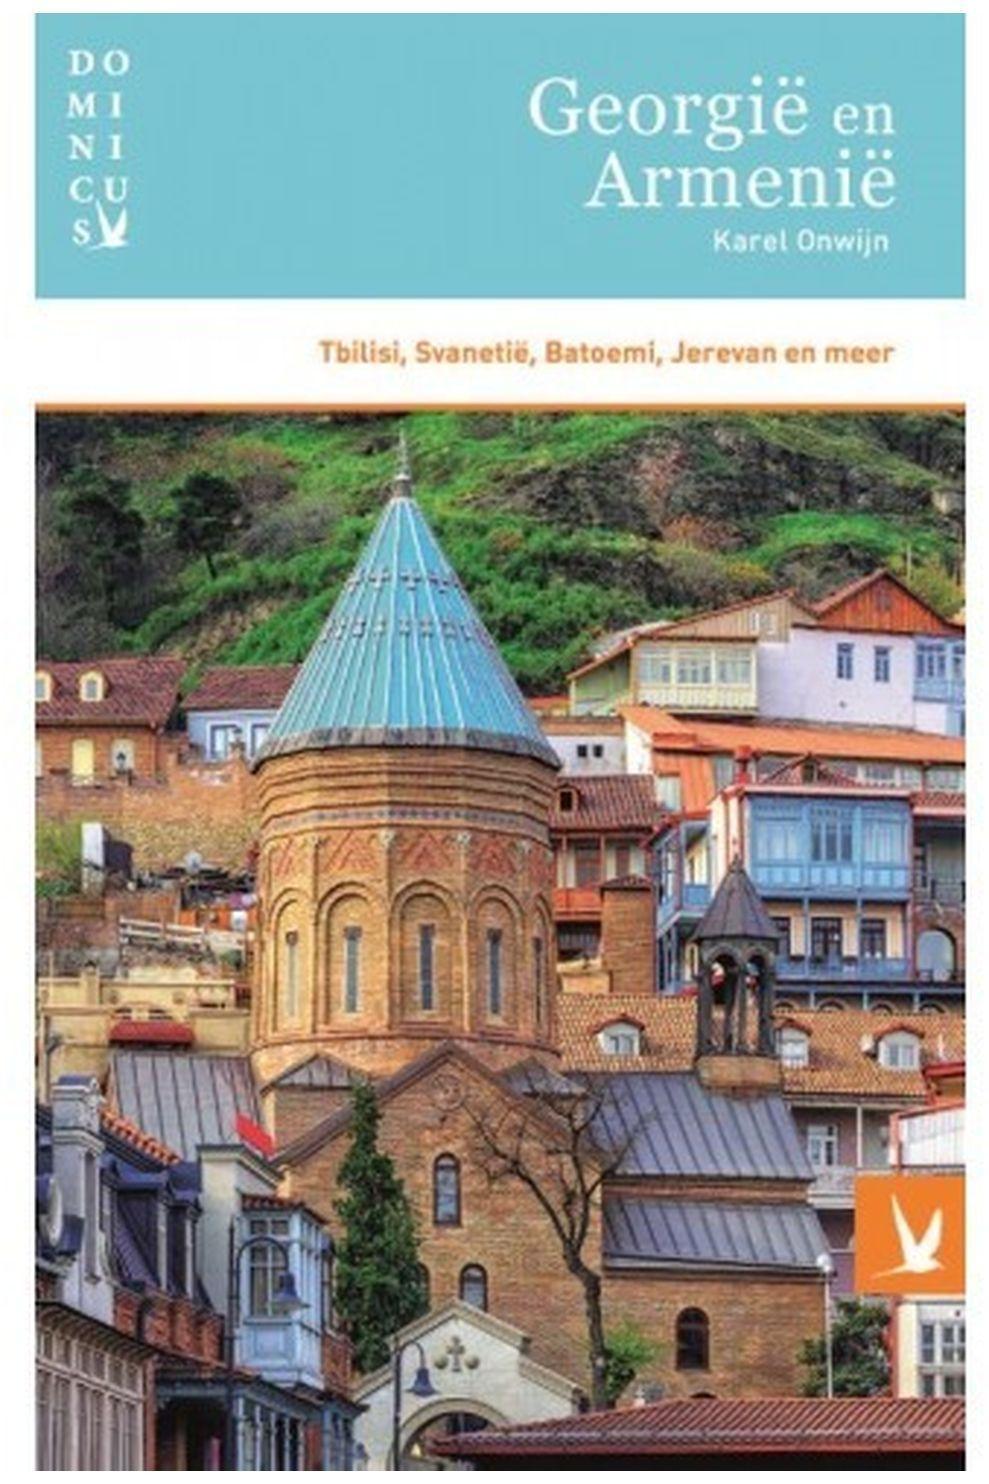 Dominicus Georgië*Armenië-Dominicus-Reisgids:N02/2020 - 2020